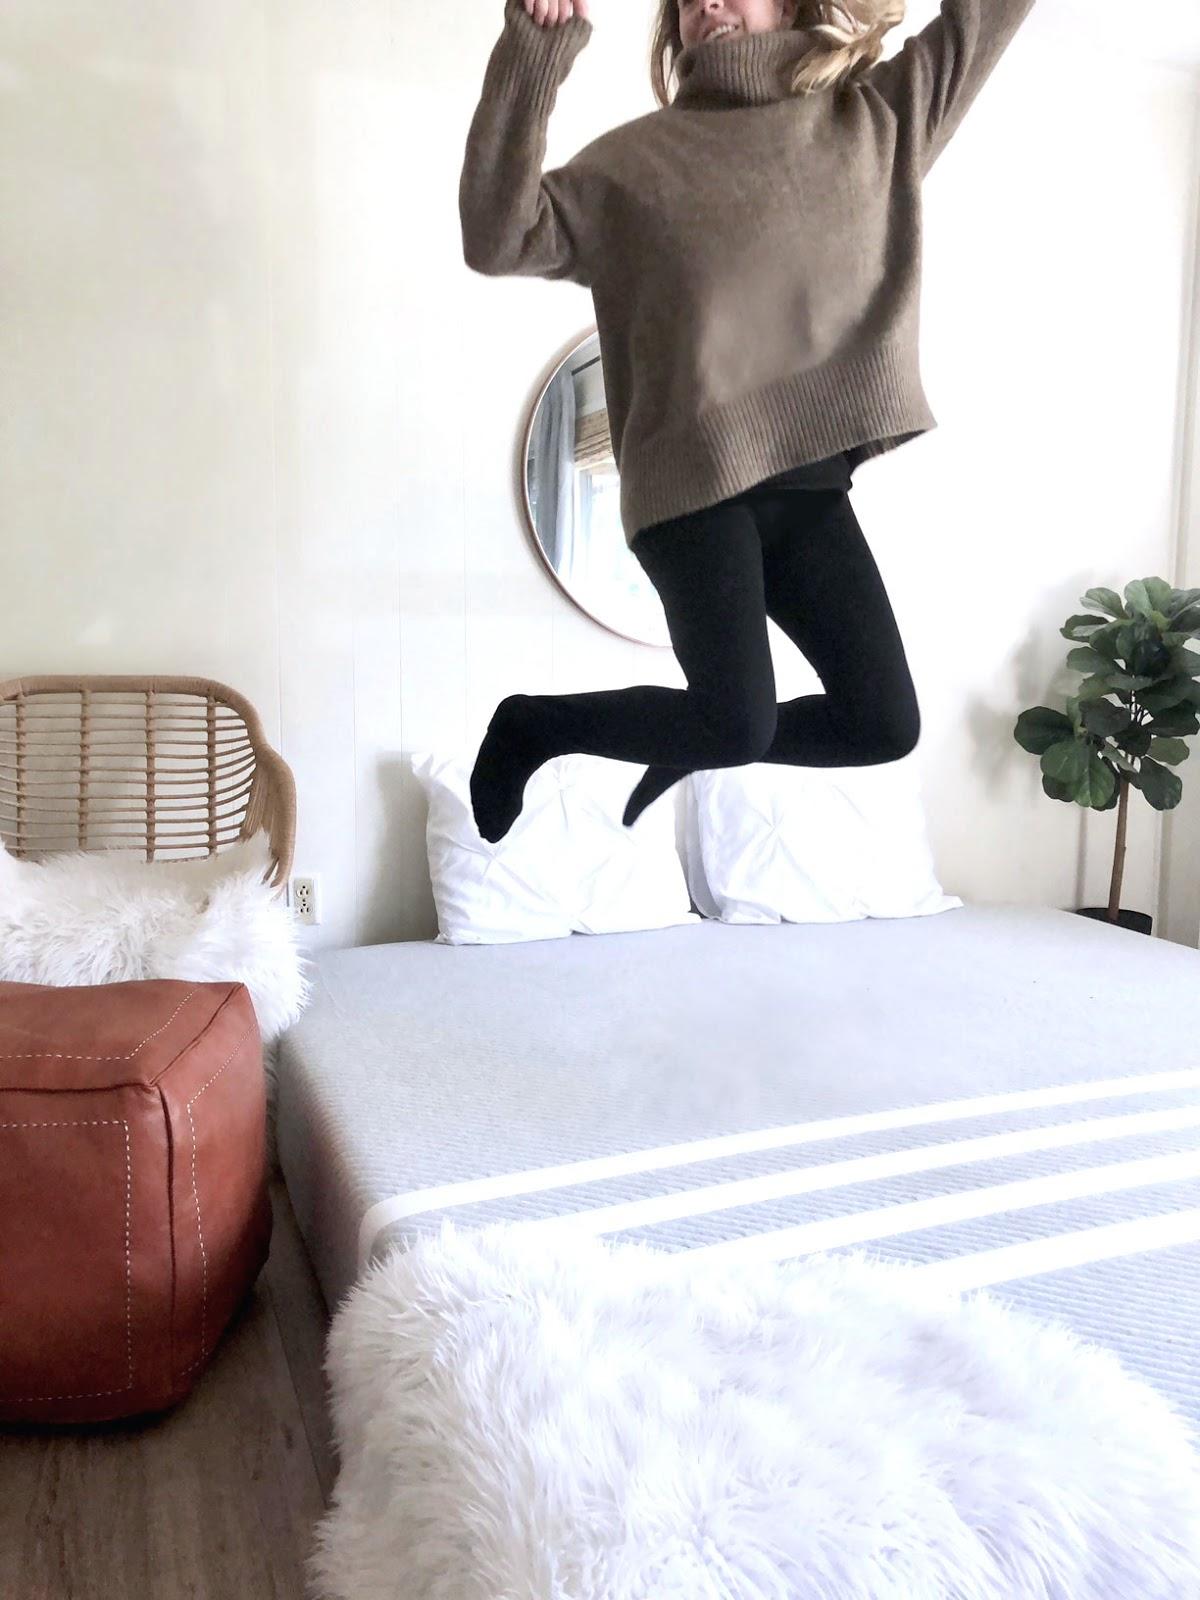 How to get better sleep leesa mattress review